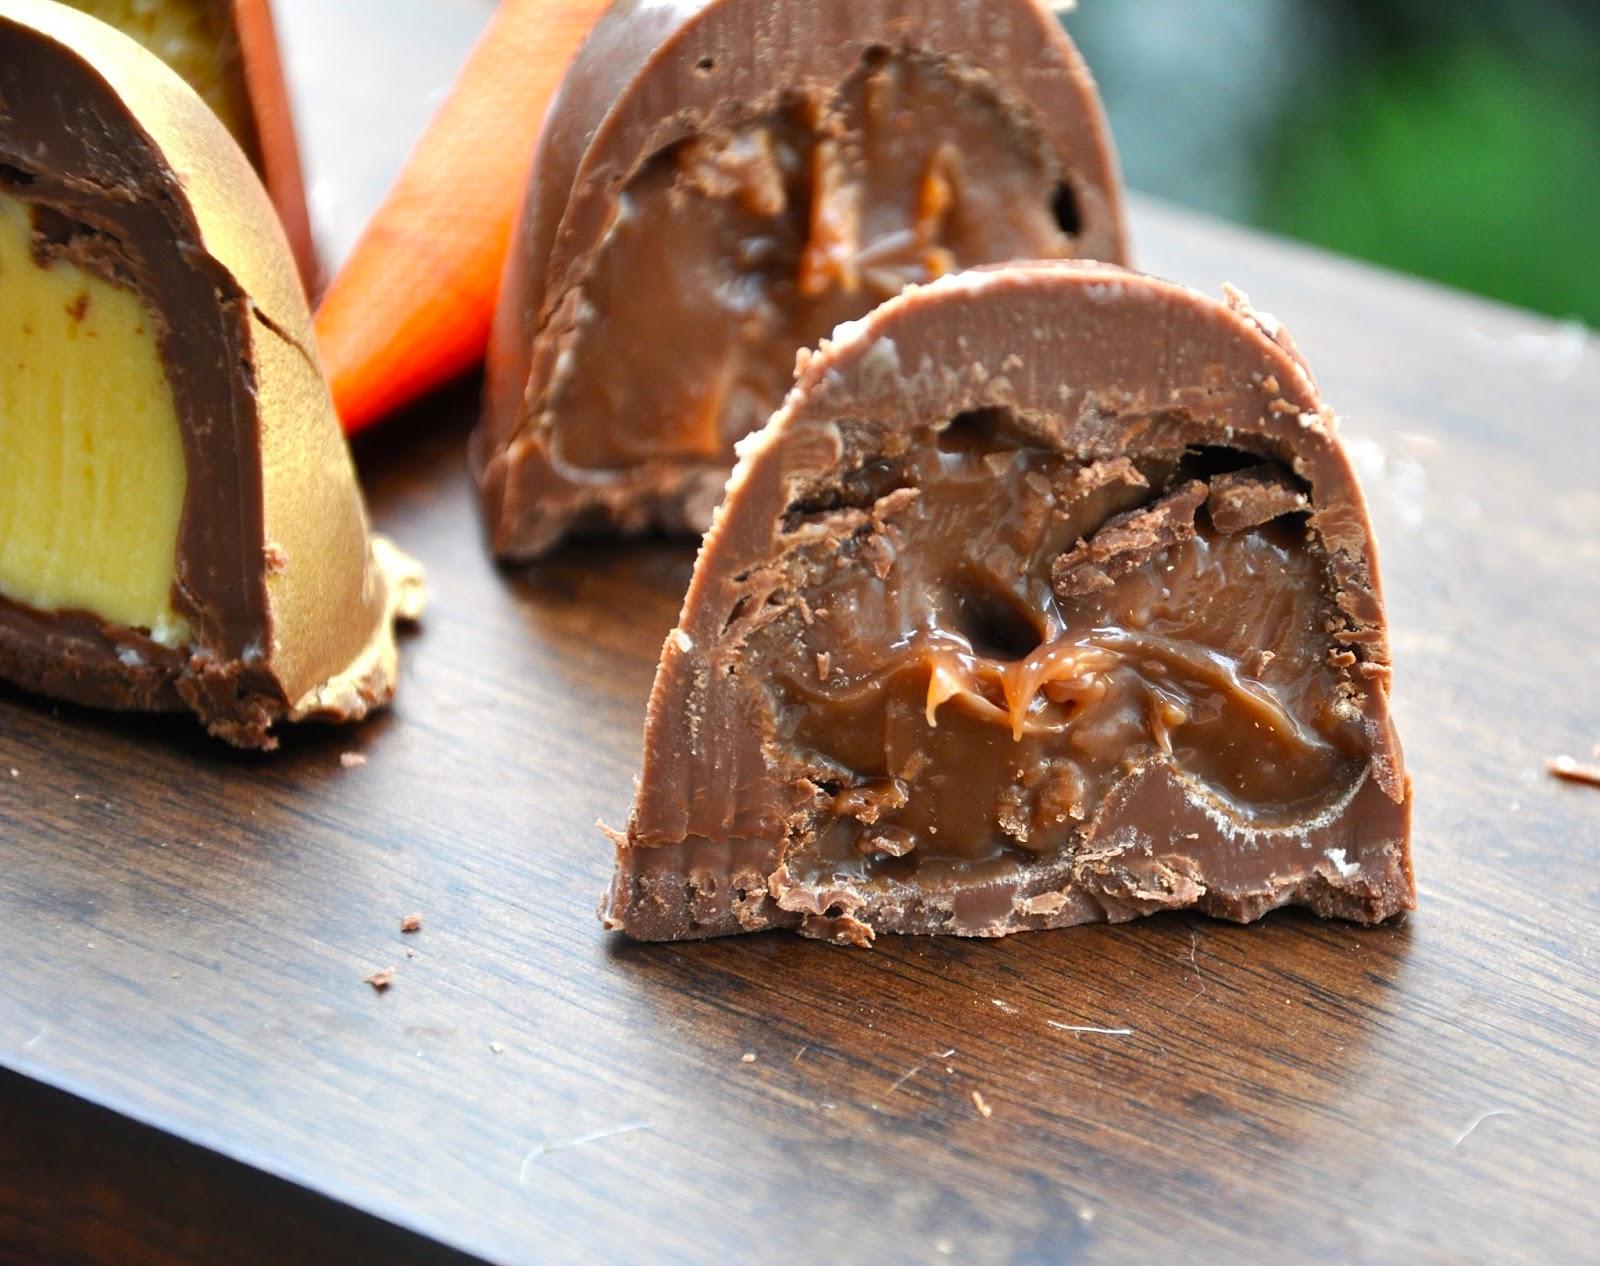 trufa-de-chocolate-de-maracuja5